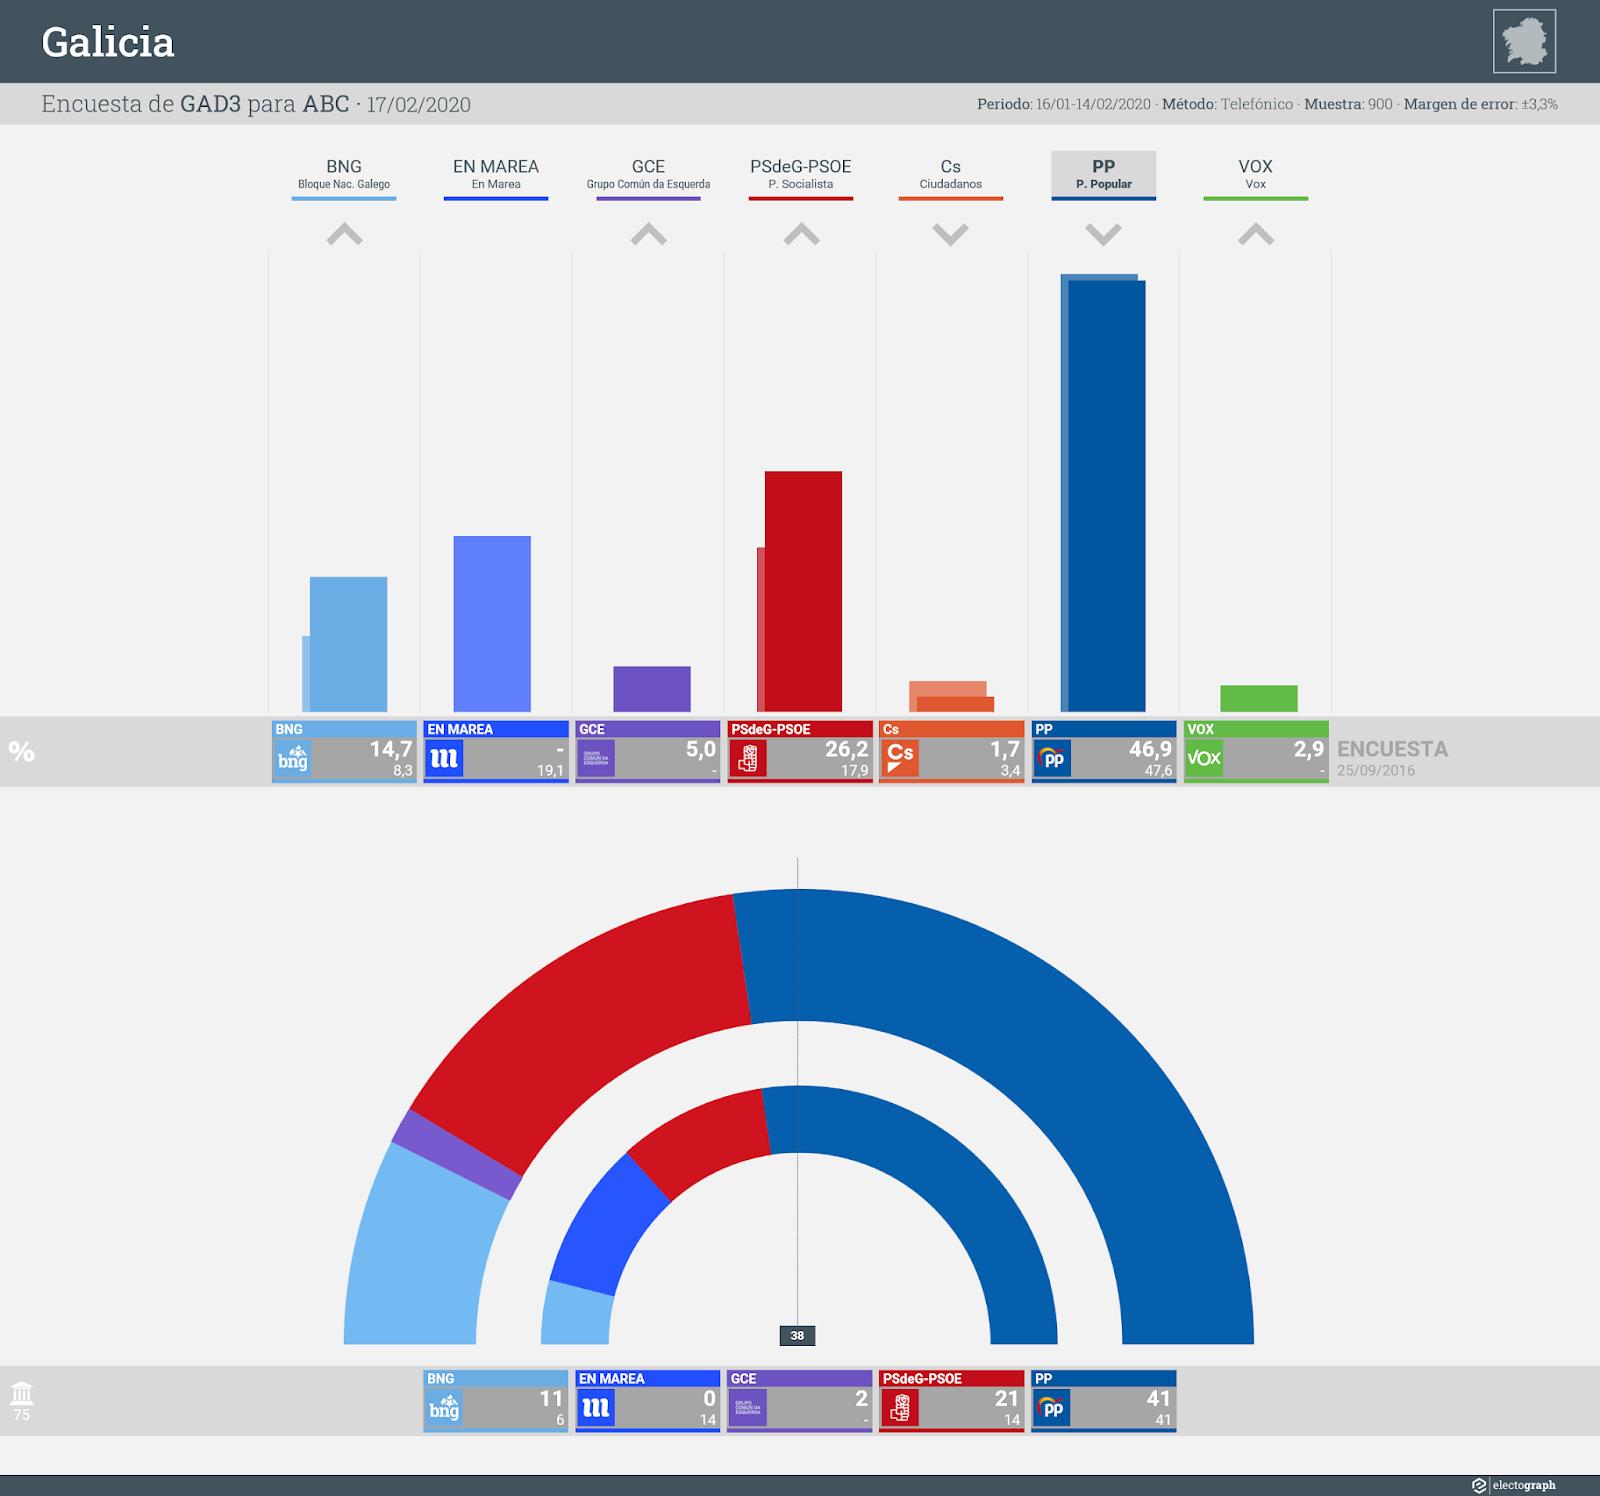 Gráfico de la encuesta para elecciones autonómicas en Galicia realizada por GAD3 para ABC, 17 de febrero de 2020